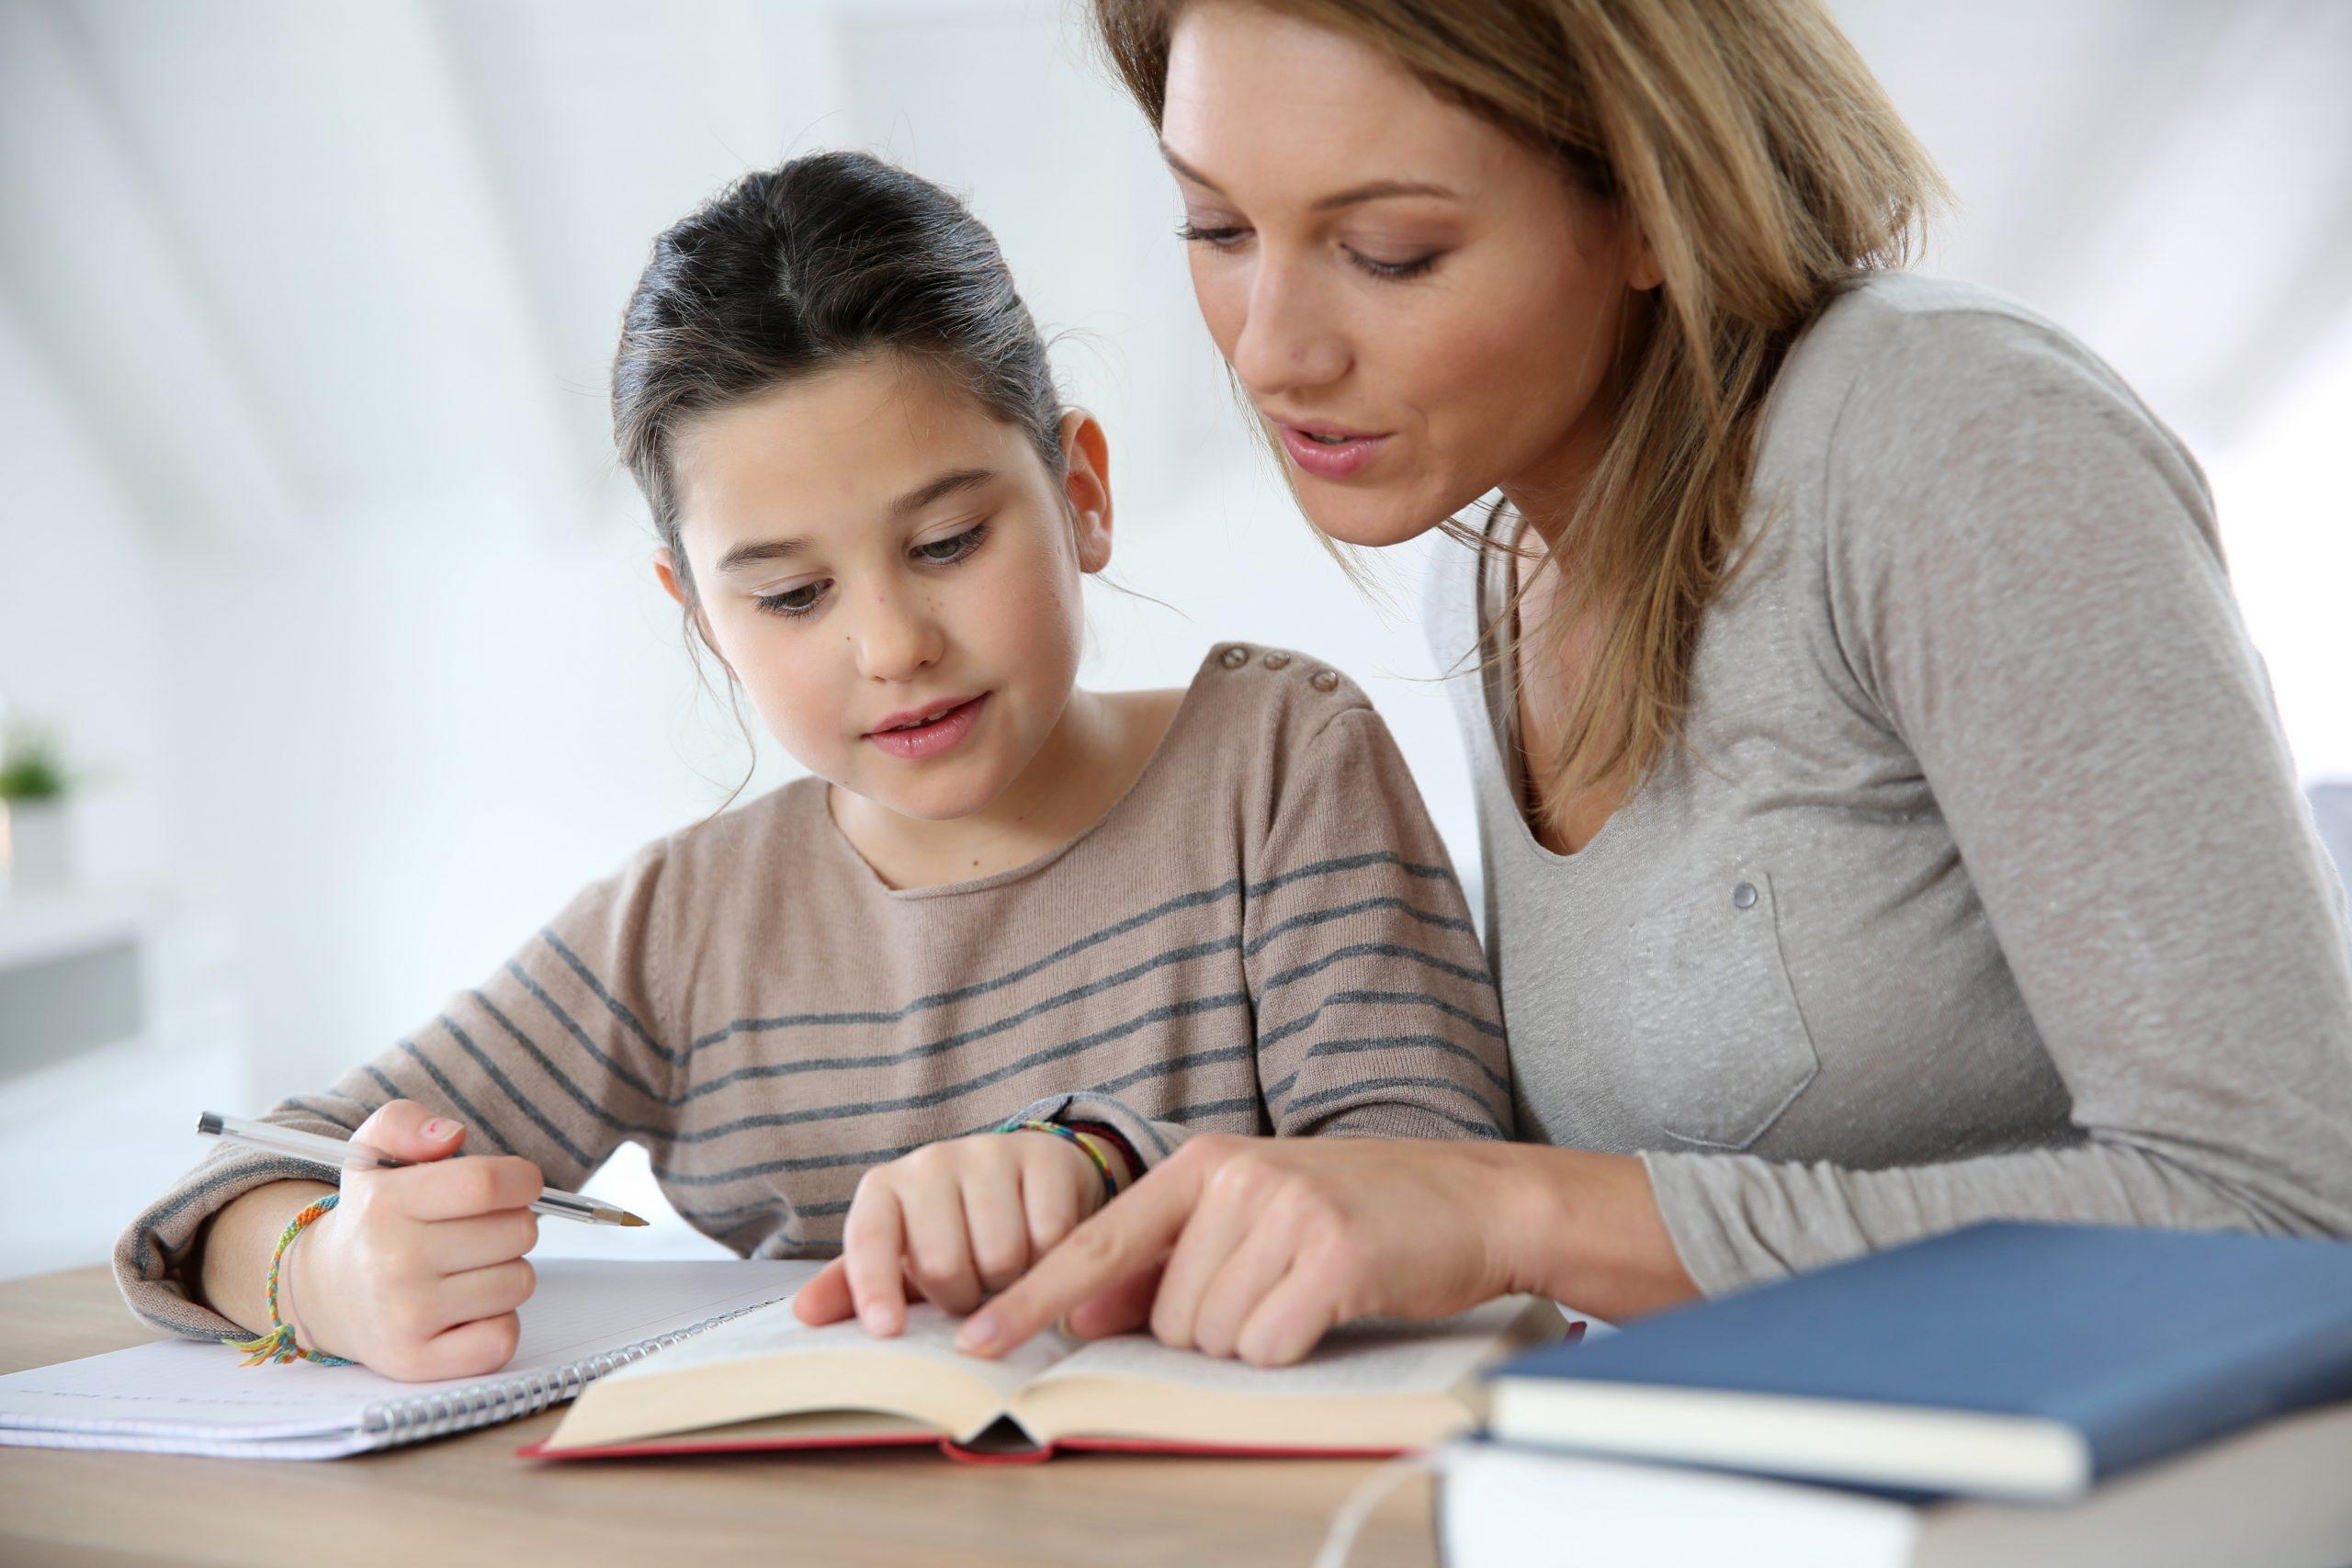 Mütter oftmals alleine für Homeschooling und Care-Arbeit verantwortlich